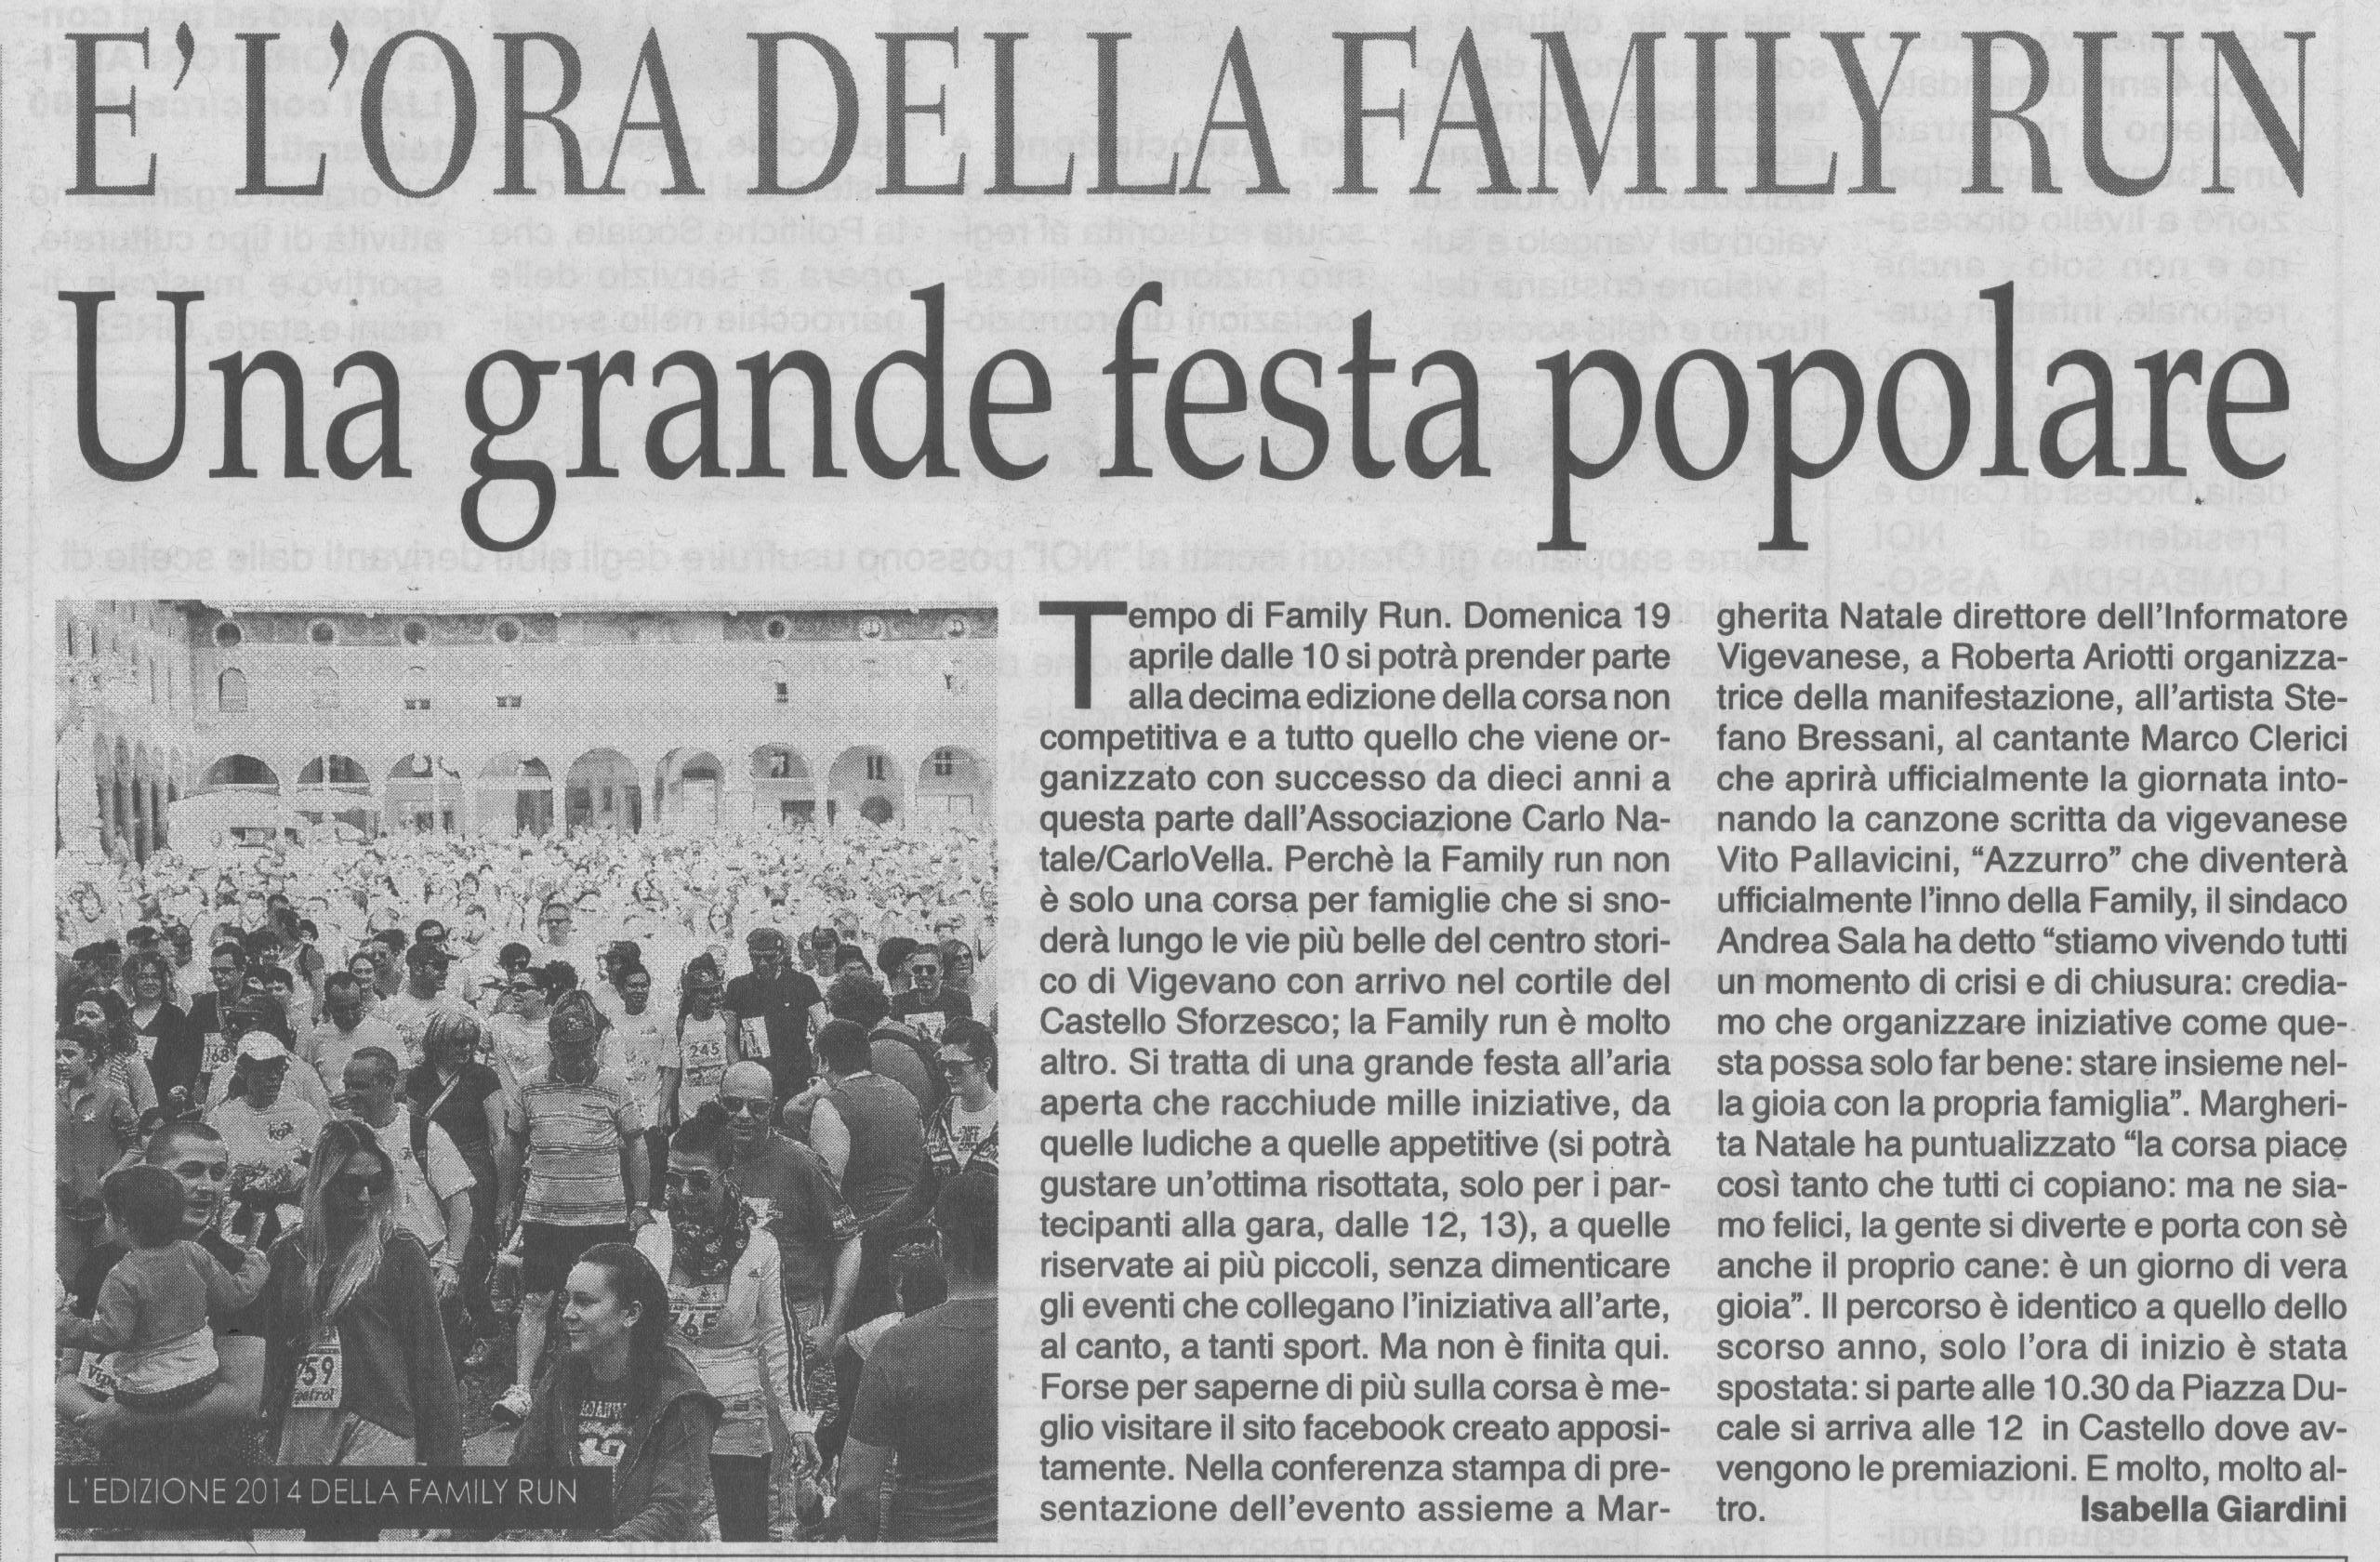 Family Run 2015 grande festa popolare